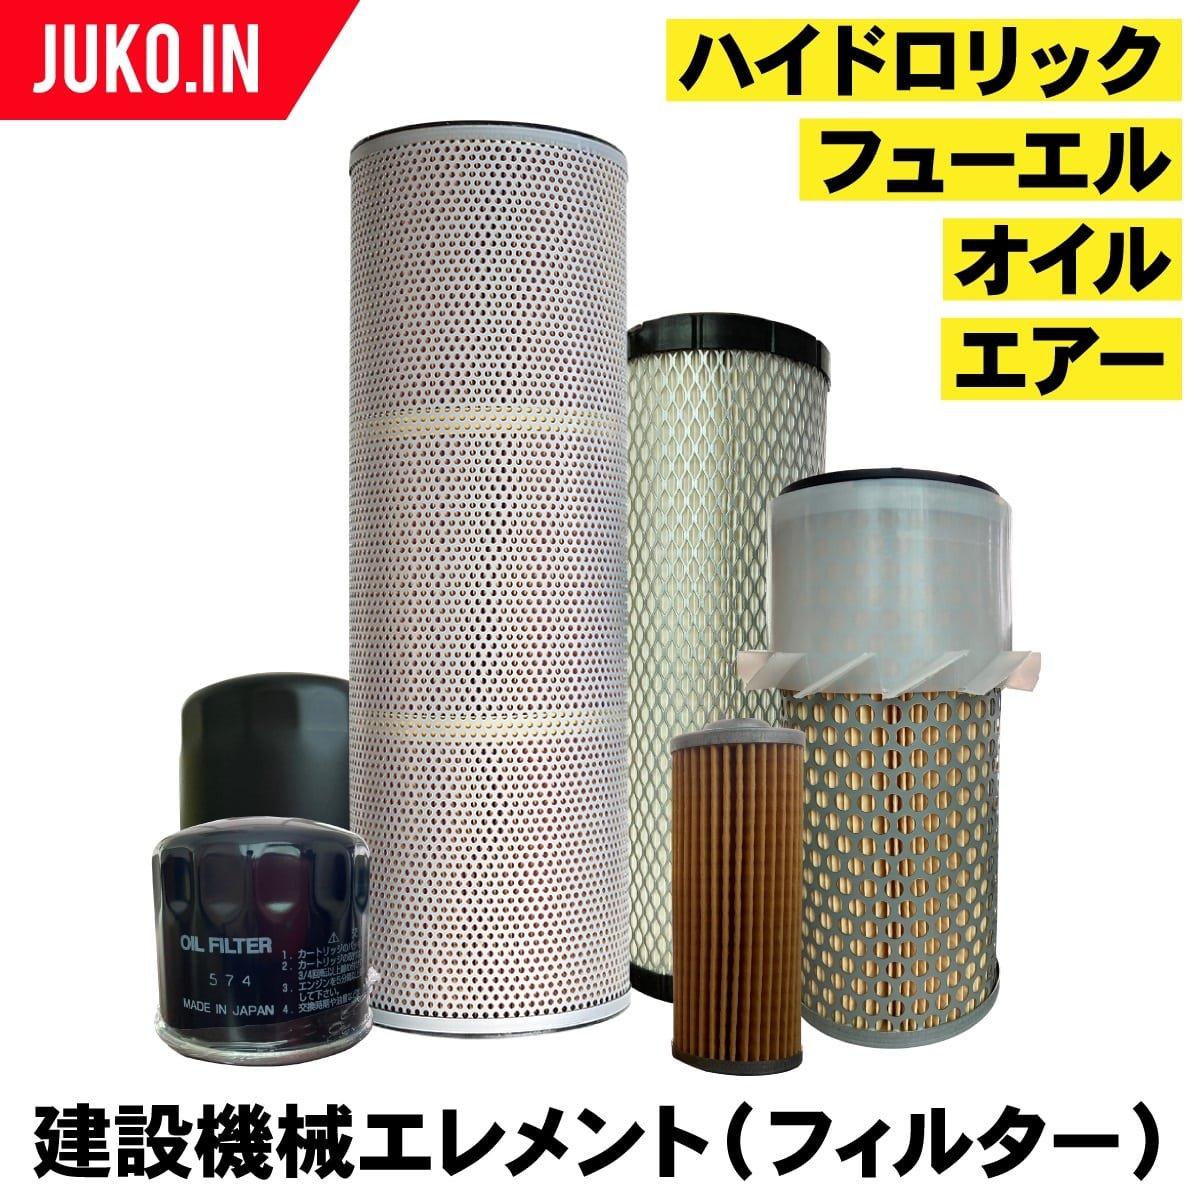 日立 パワーショベル ZX55UR-2 ハイドロリックエレメントH-403(油圧)